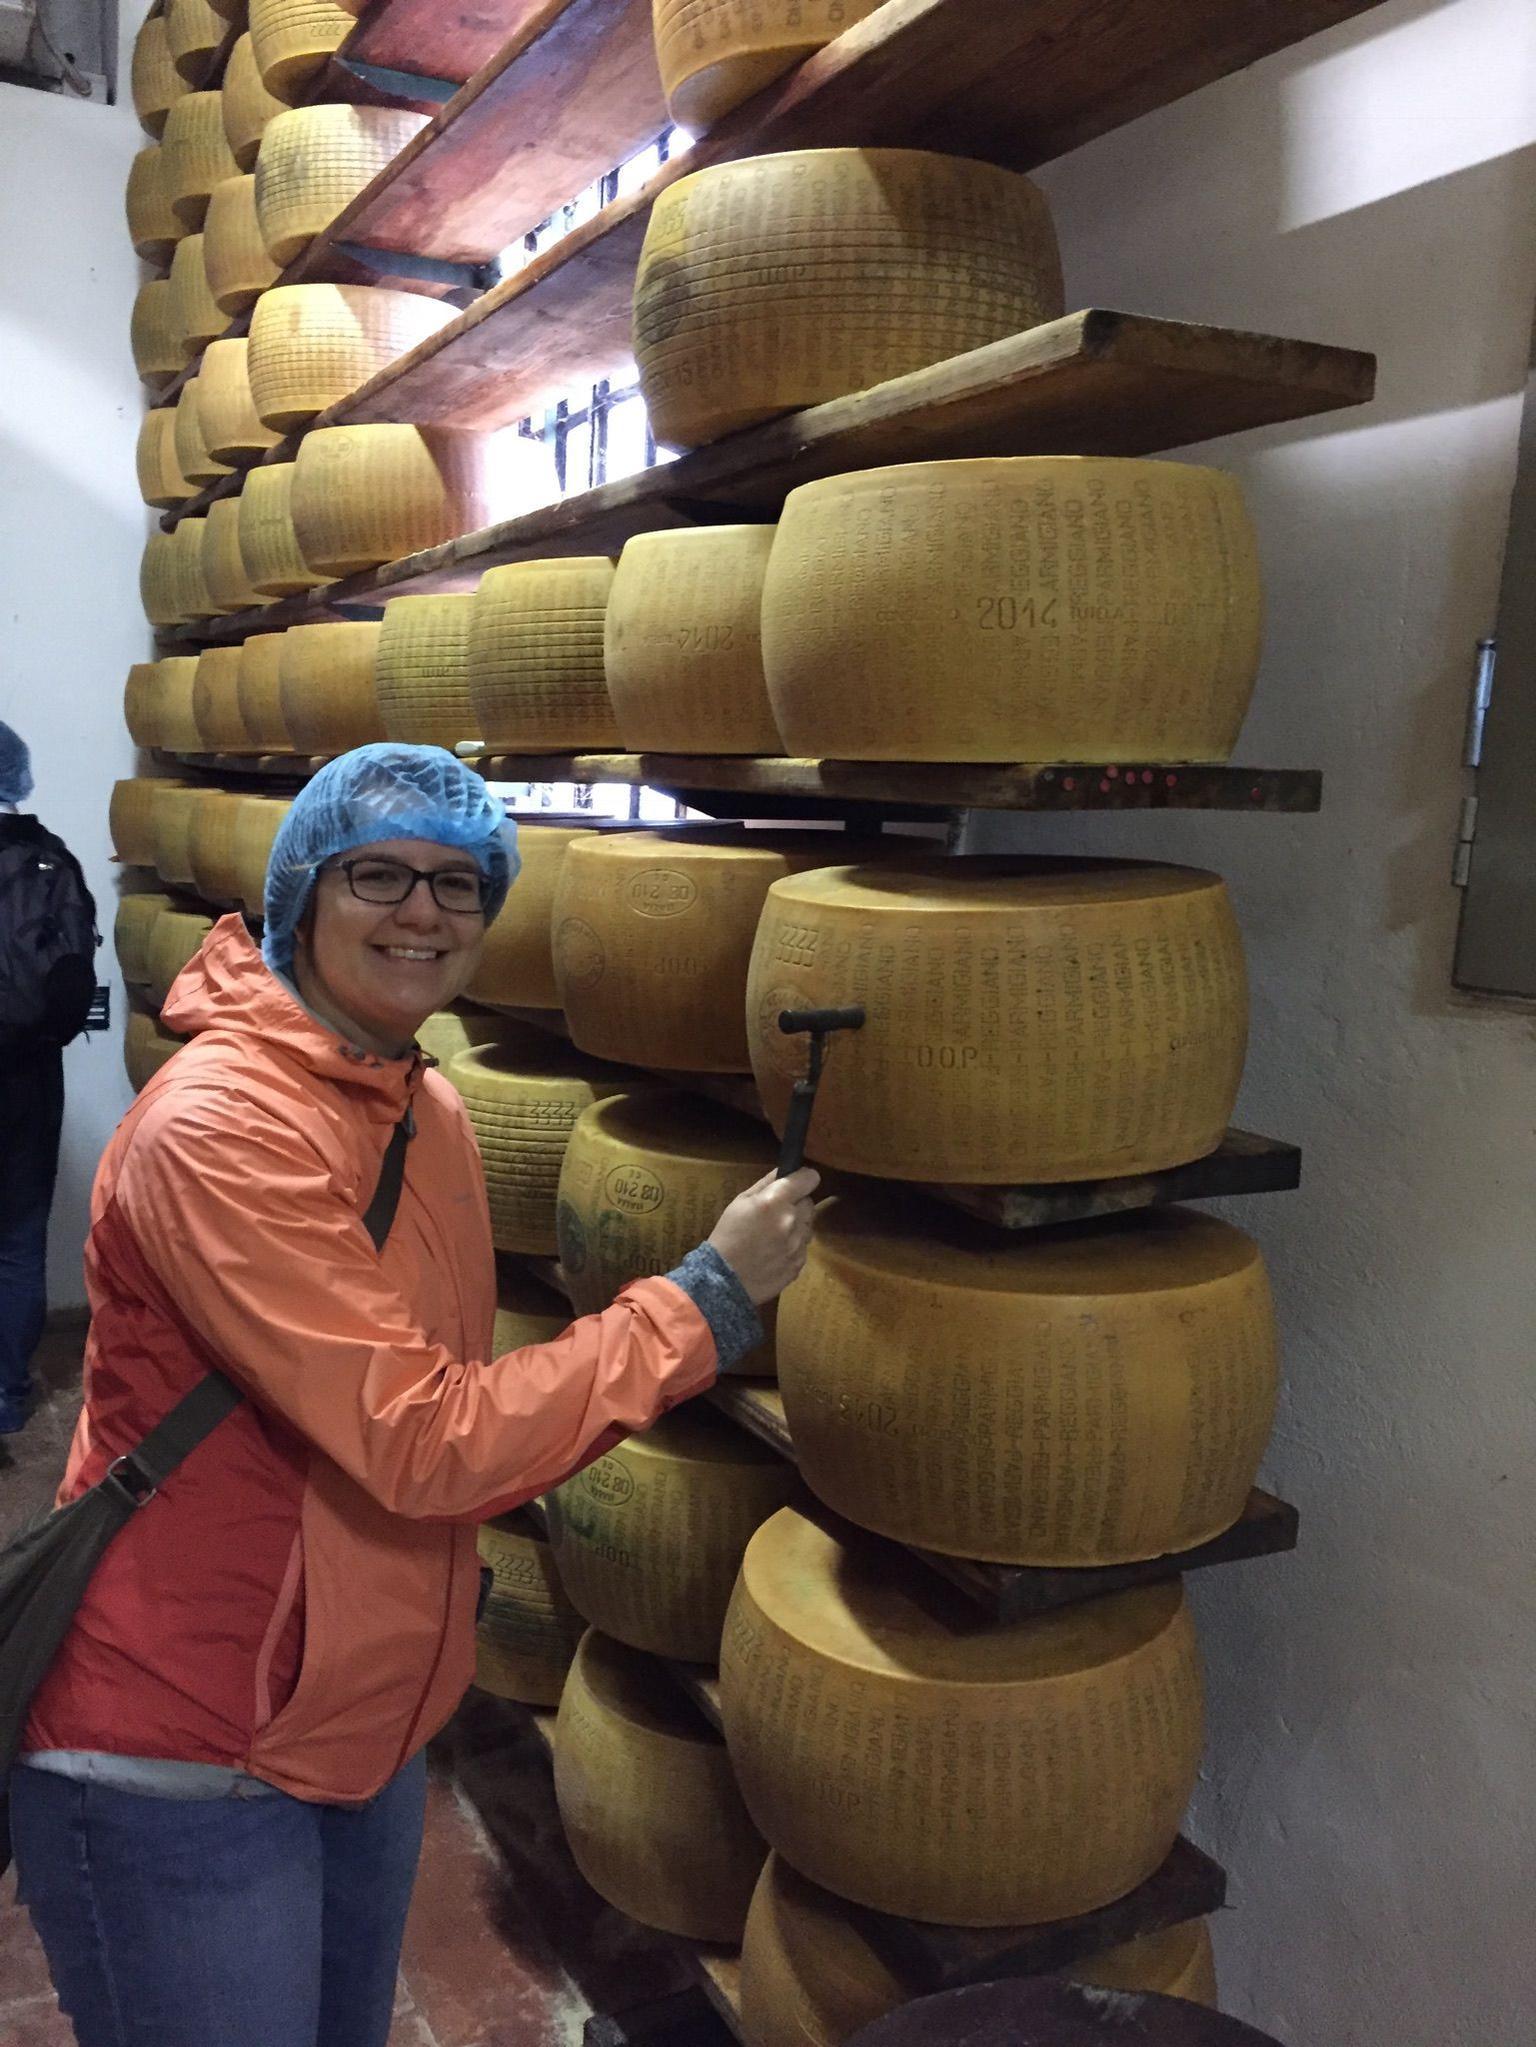 MÁS FOTOS, Parmigiano Reggiano Cheese Tasting Tour